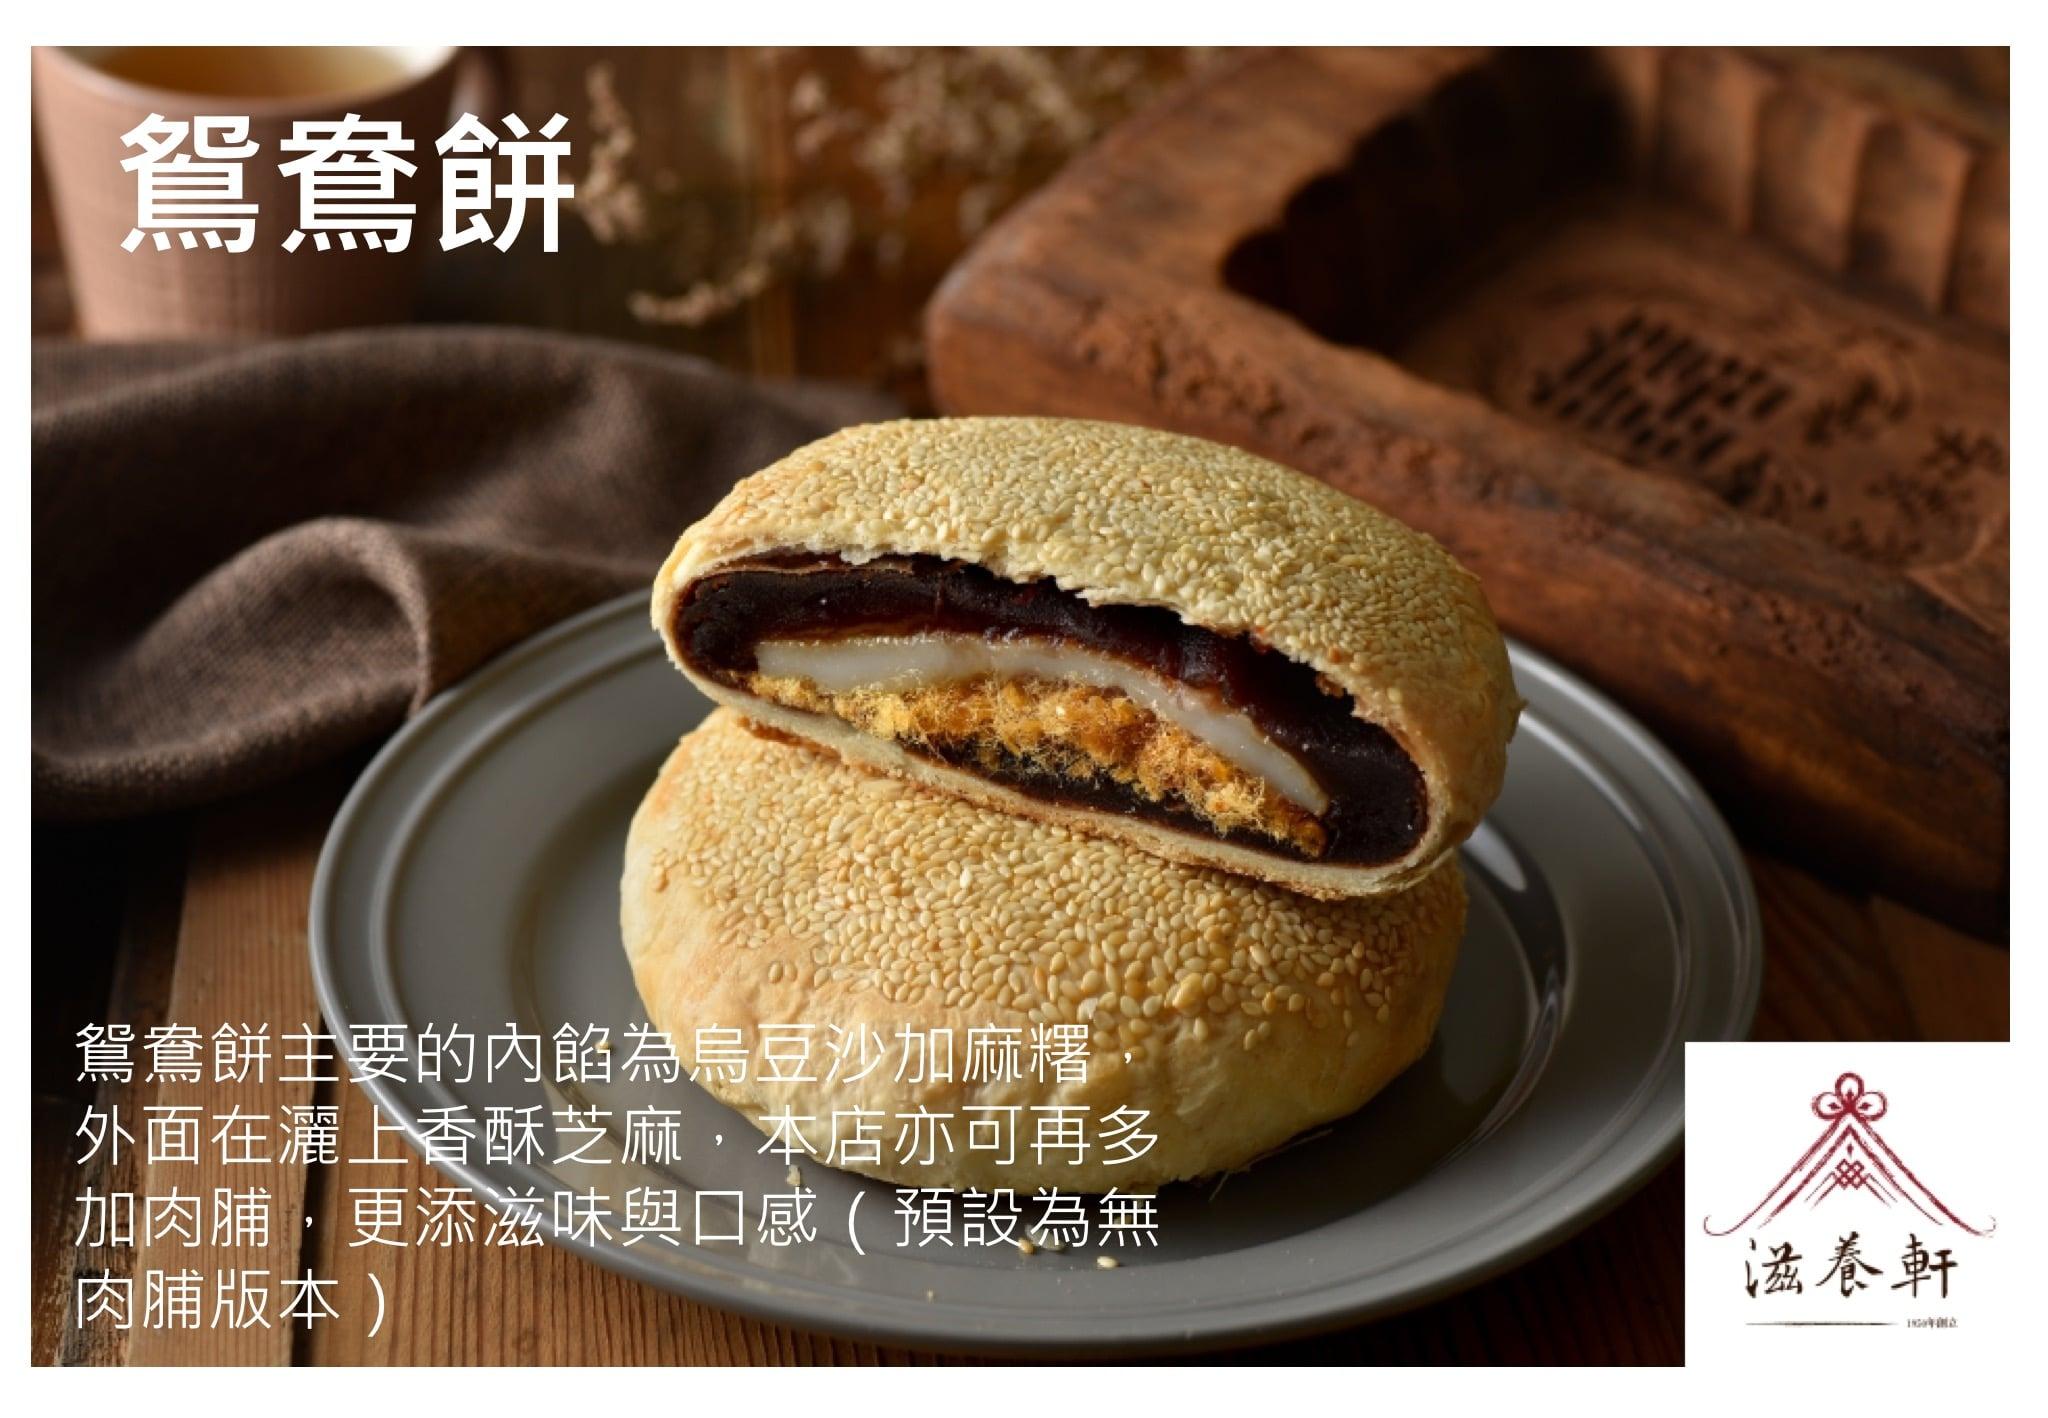 滋養軒鴛鴦餅介紹